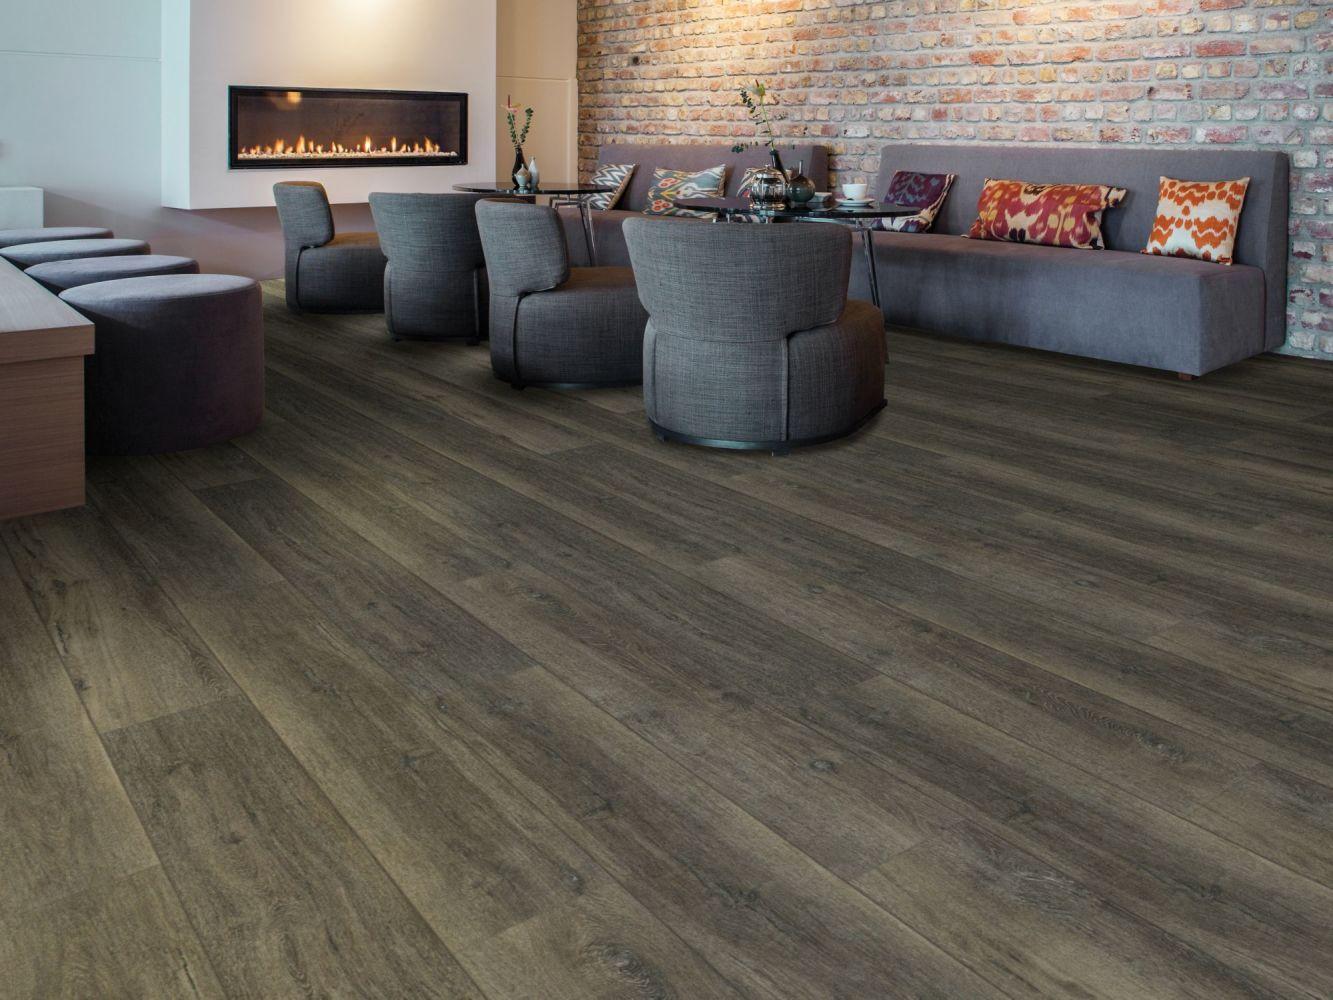 Shaw Floors Resilient Property Solutions White Oak 720c Plus Bur Oak 00742_516RG